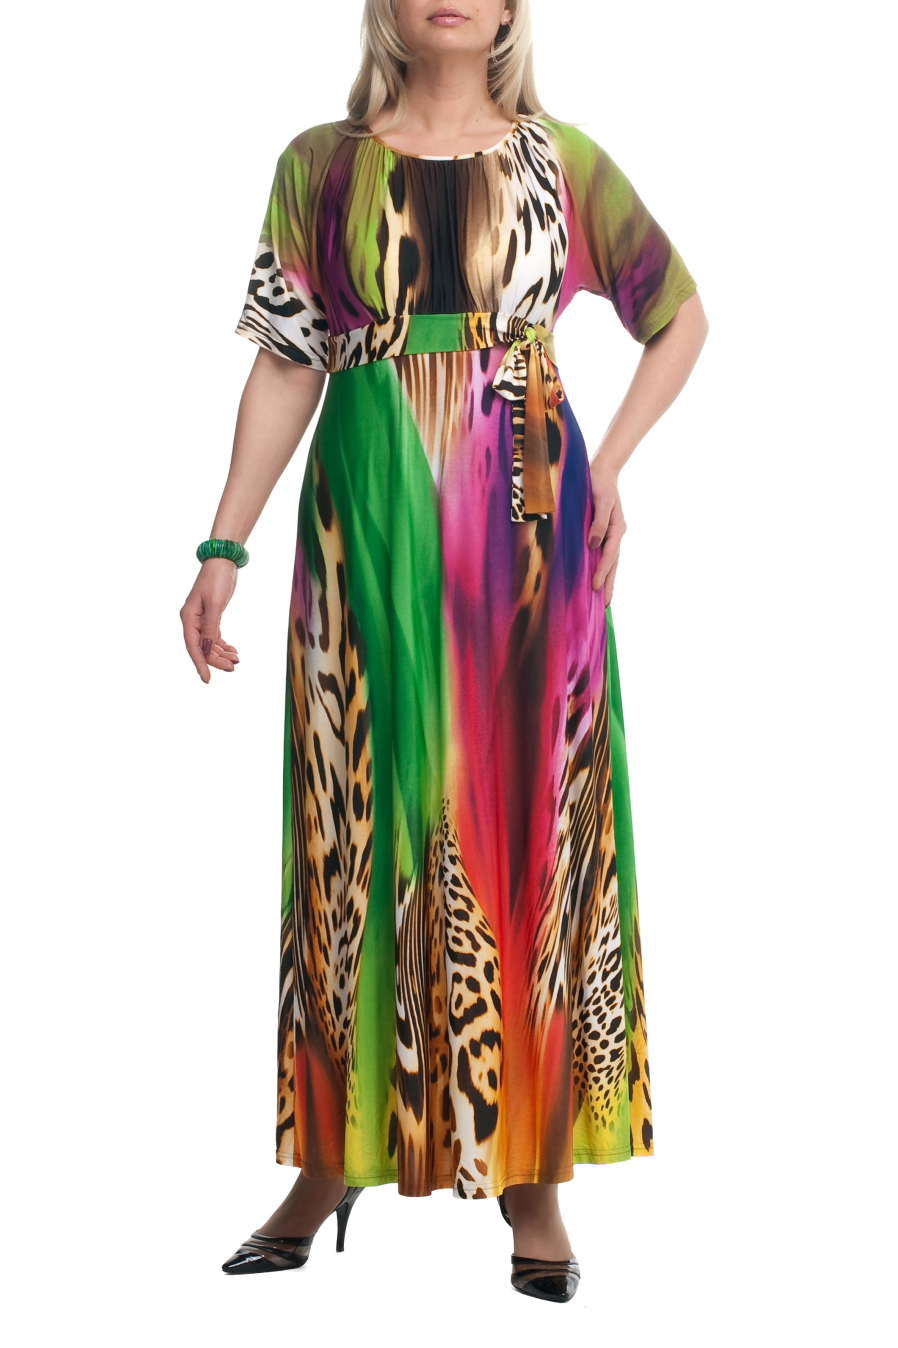 ПлатьеПлатья<br>Яркое платье в пол. Модель выполнена из приятного материала. Отличный выбор для летнего гардероба.  Цвет: мультицвет  Рост девушки-фотомодели 173 см.<br><br>По образу: Город,Свидание<br>По стилю: Повседневный стиль<br>По материалу: Трикотаж<br>По рисунку: С принтом,Цветные,Леопард<br>По сезону: Лето<br>По силуэту: Полуприталенные<br>По длине: Макси<br>Рукав: До локтя<br>Горловина: С- горловина<br>Размер: 52,54,56,58,60,62,66,68,70<br>Материал: 90% полиэстер 10% эластан<br>Количество в наличии: 8